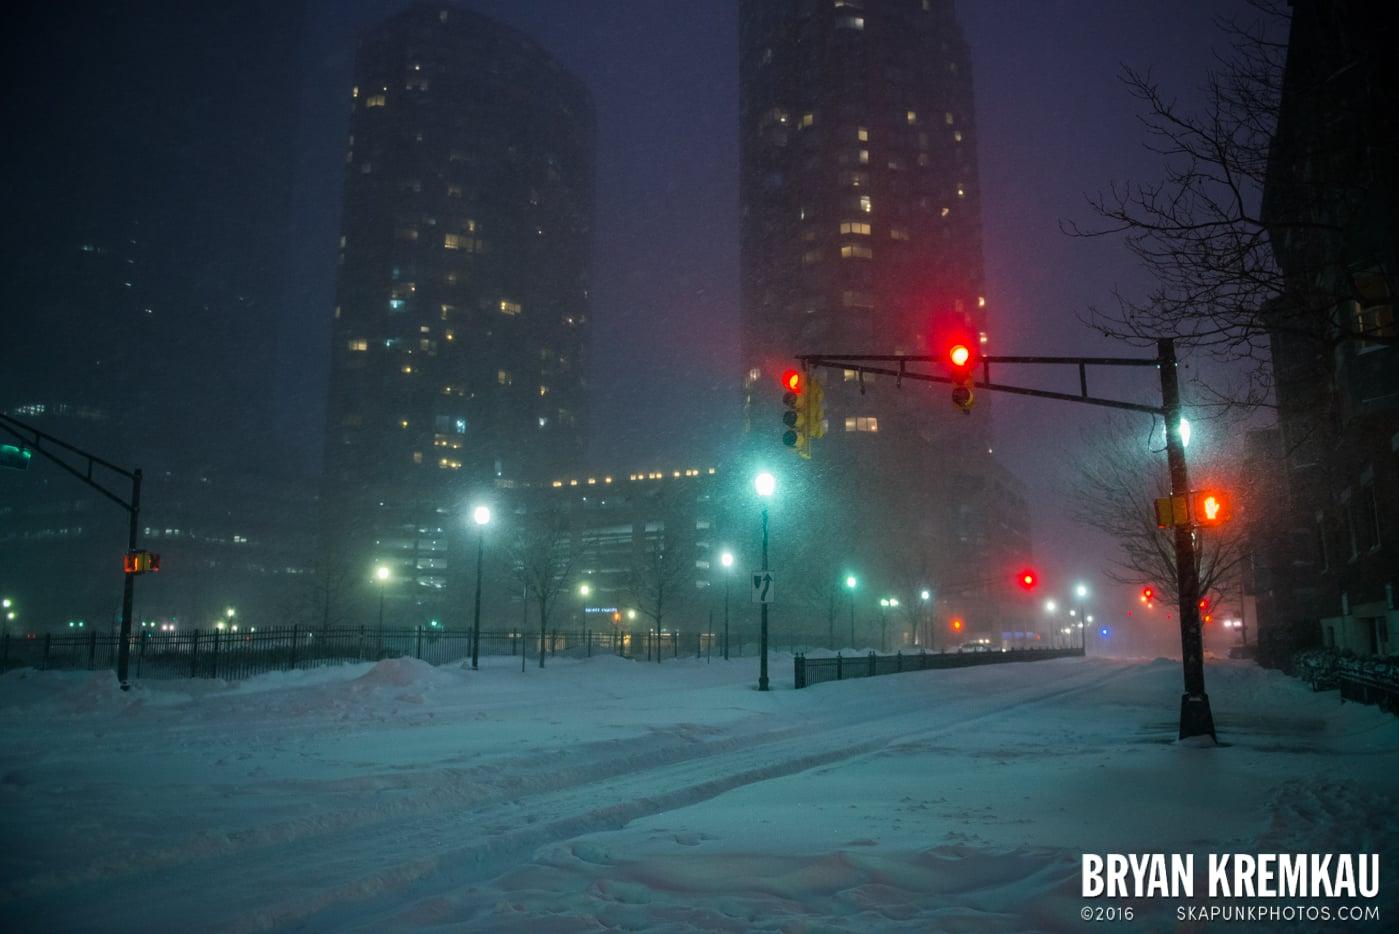 Blizzard 2016 in Jersey City, NJ - 1.23.16 (13)